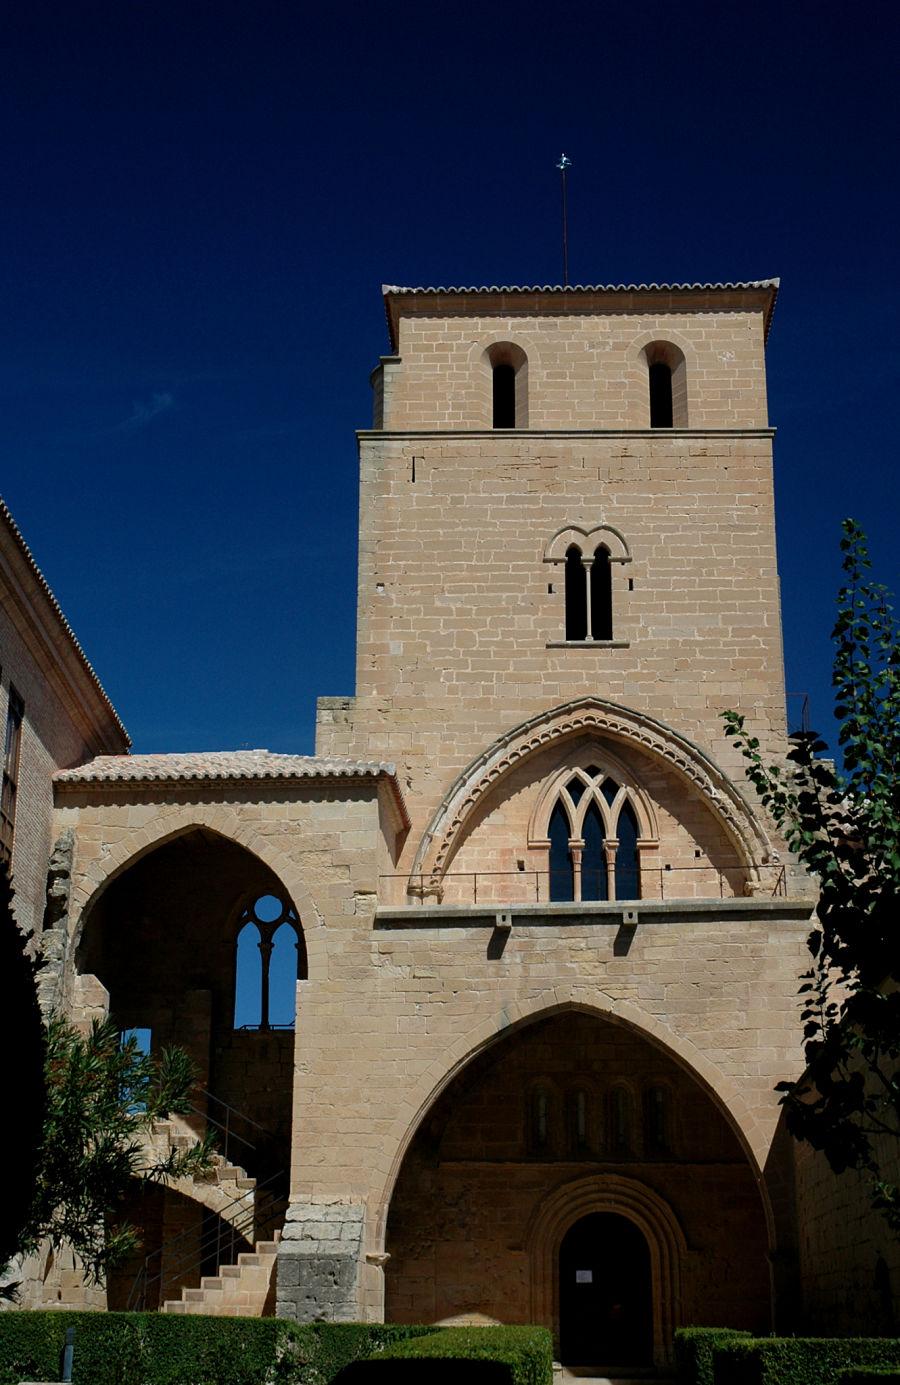 Torre del Homenaje e iglesia del castillo de Alcañiz